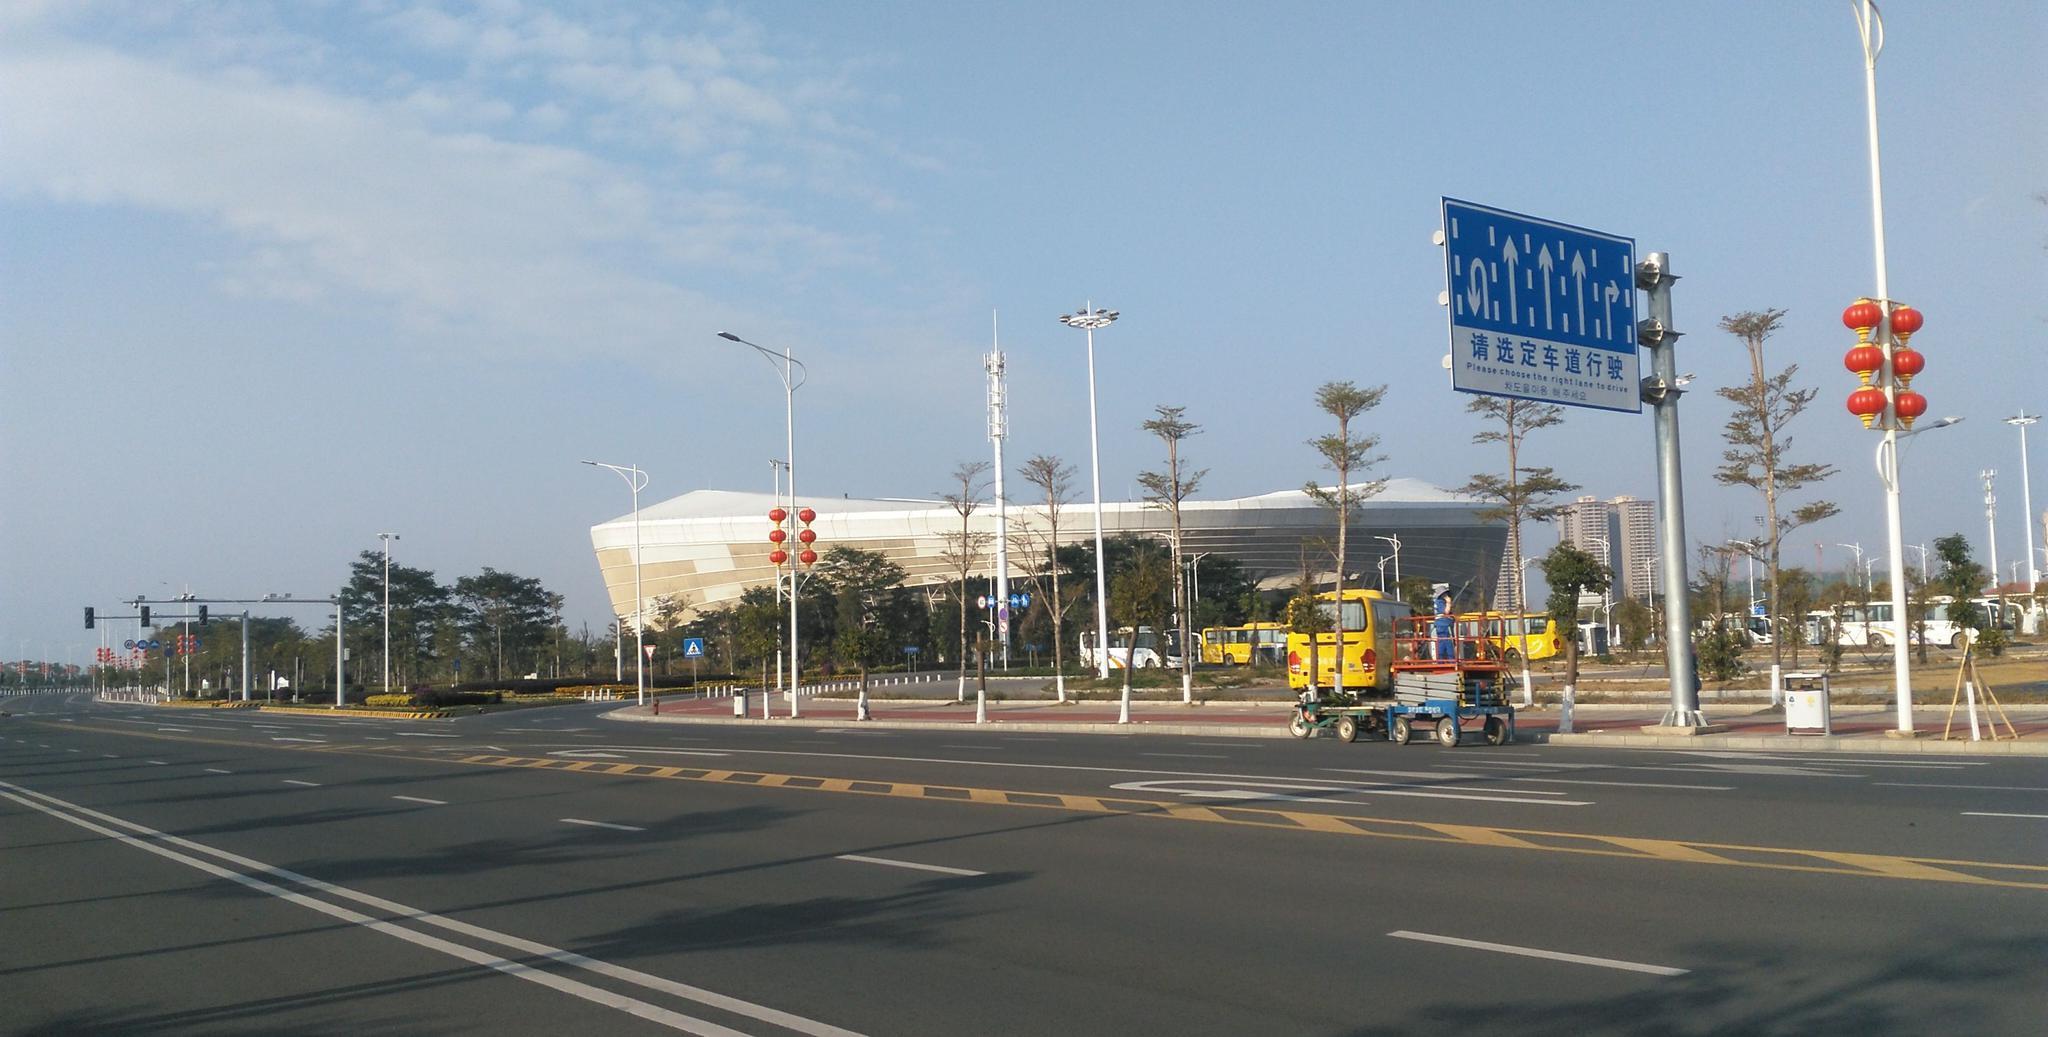 湛江奥林匹克体育中心附近实拍,这里的环境清新,海风清凉